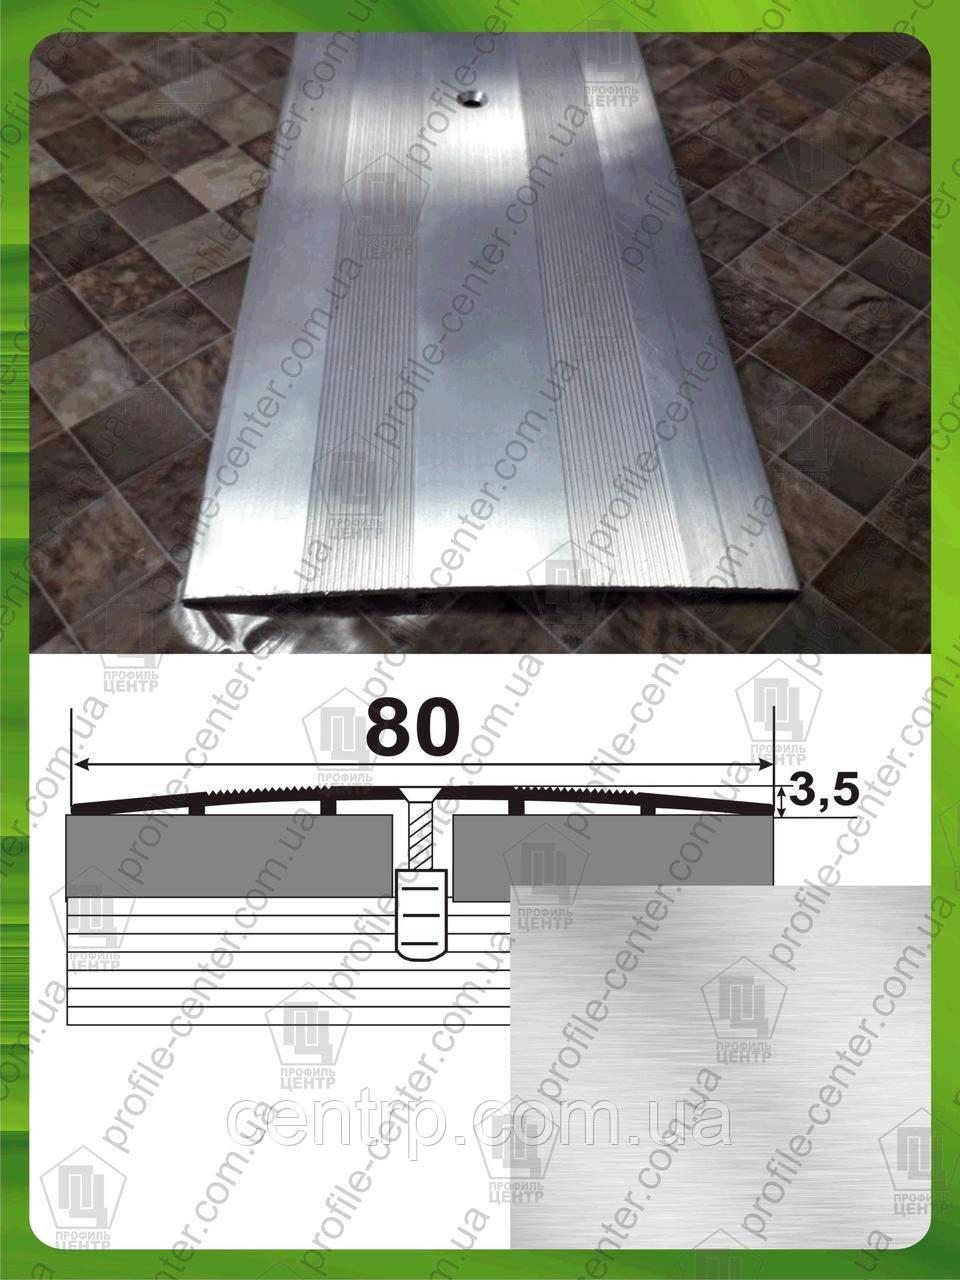 Порожек для пола А 80 Без покрытия. Ширина 80 мм. Длина 2,7м.